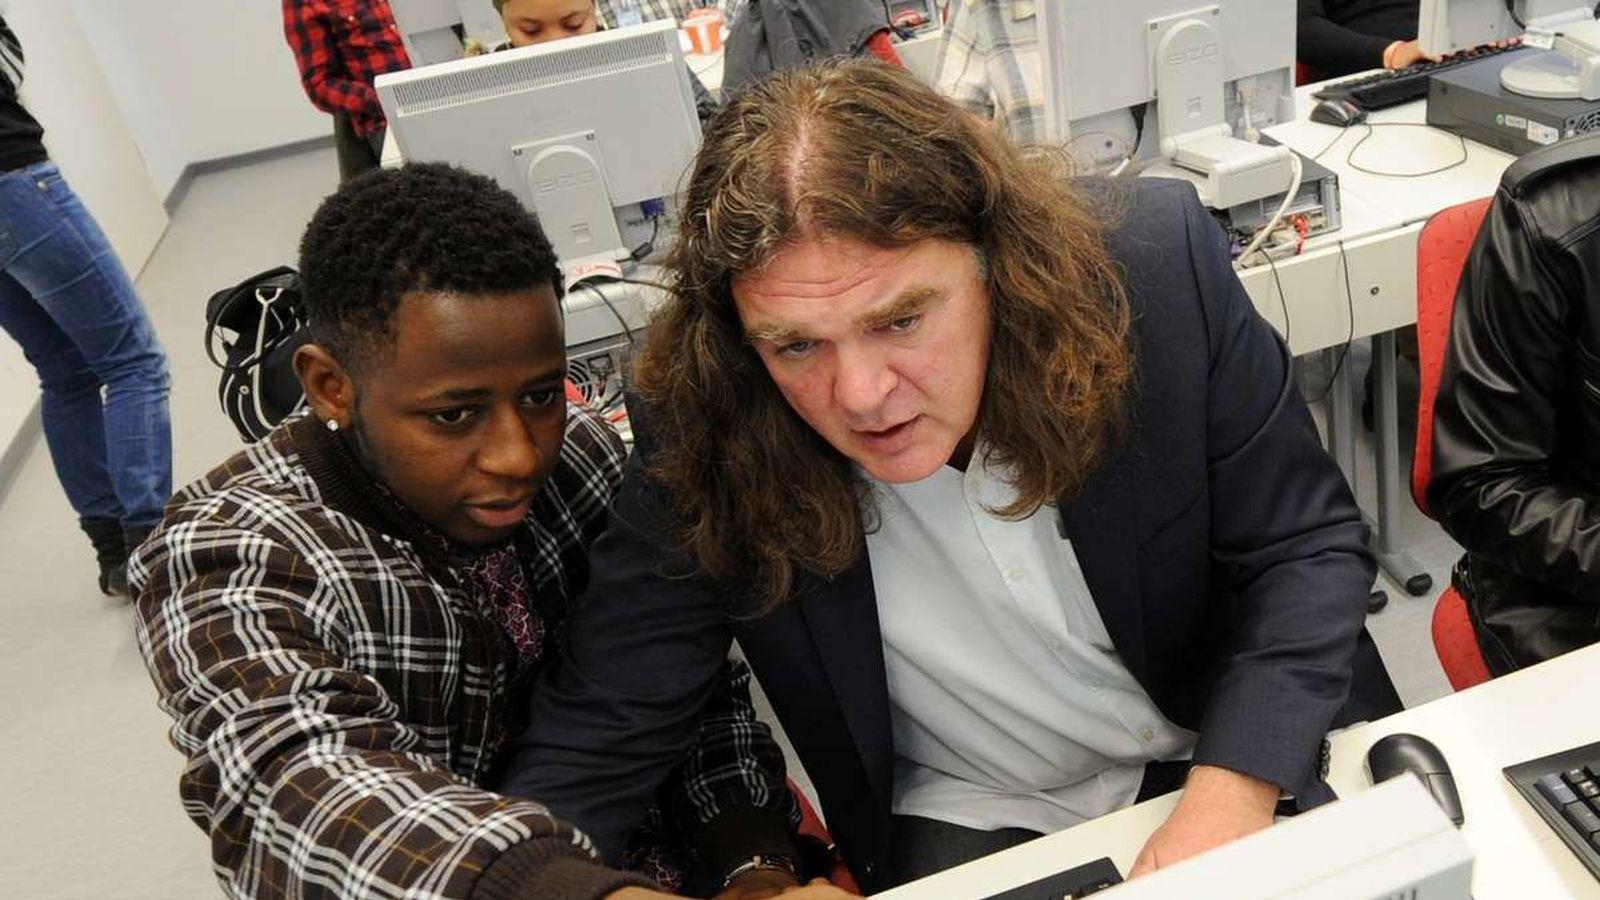 Foto: Michael Stenger con uno de los alumnos de SchlaU-Schule. (Tz)